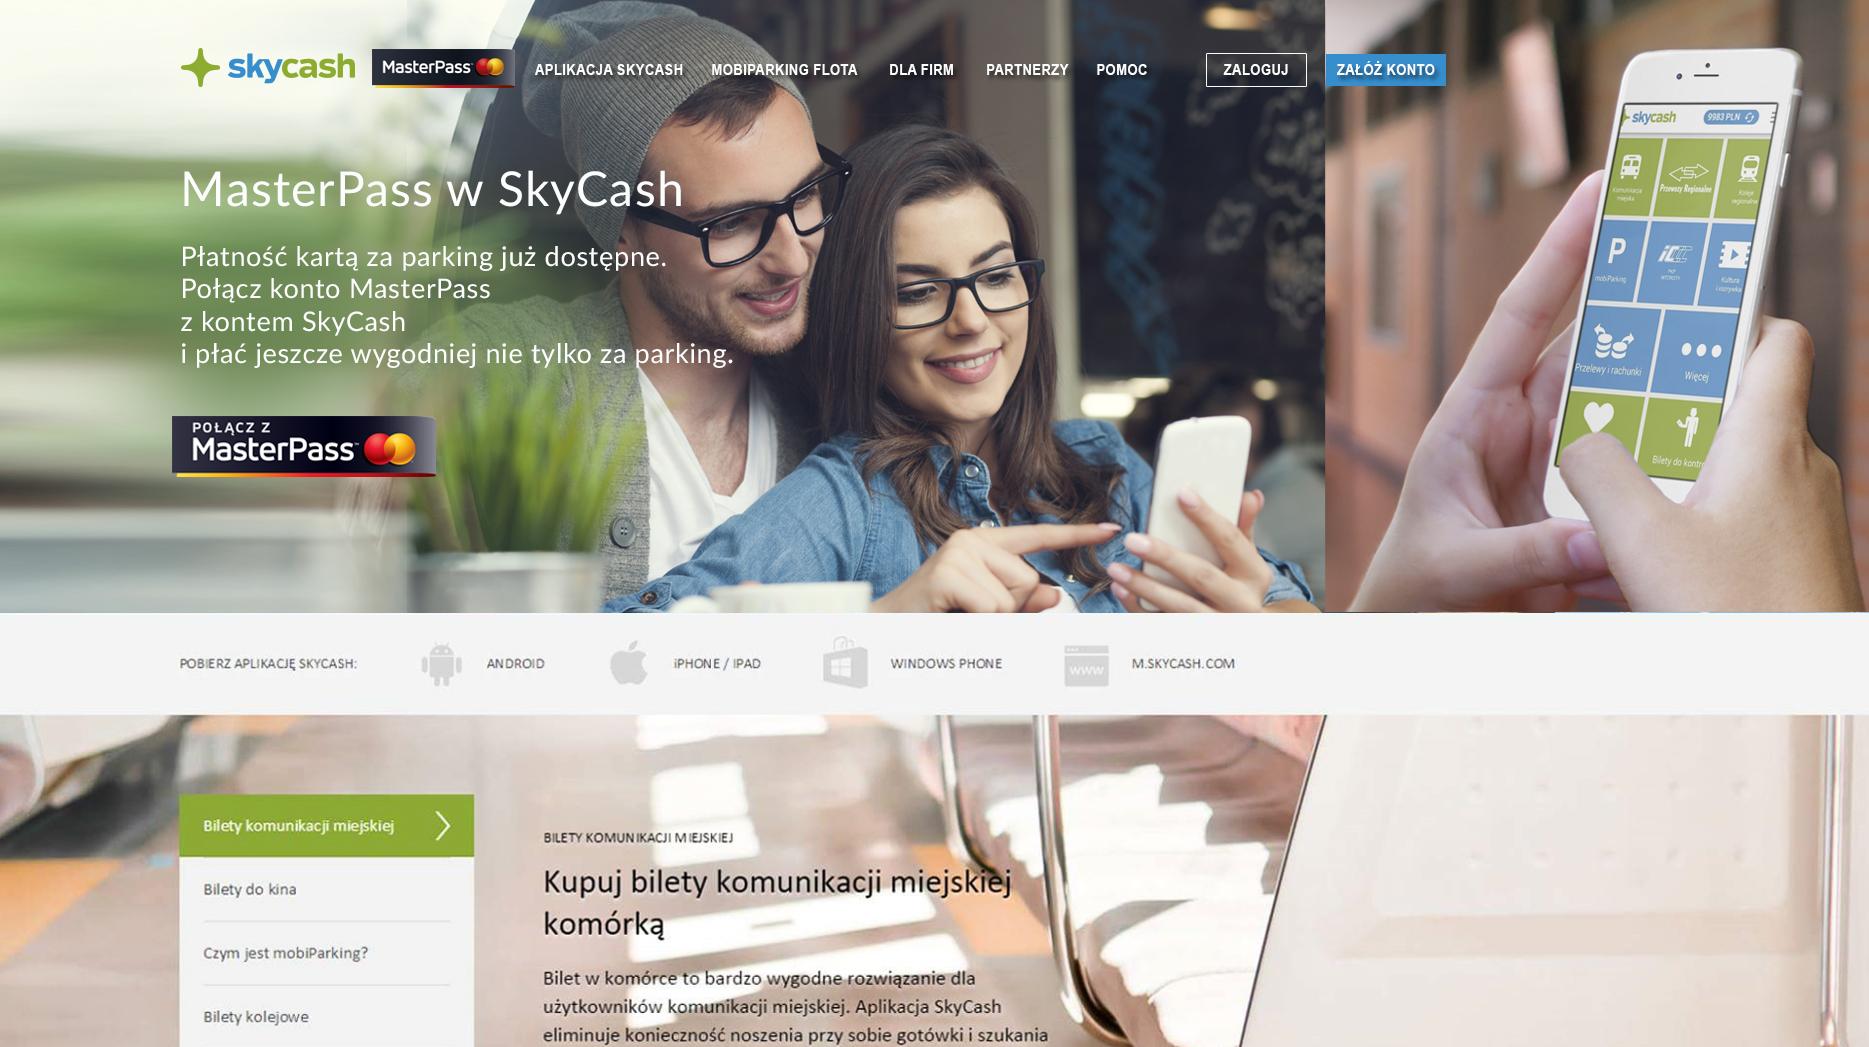 SkyCash, mobiParking